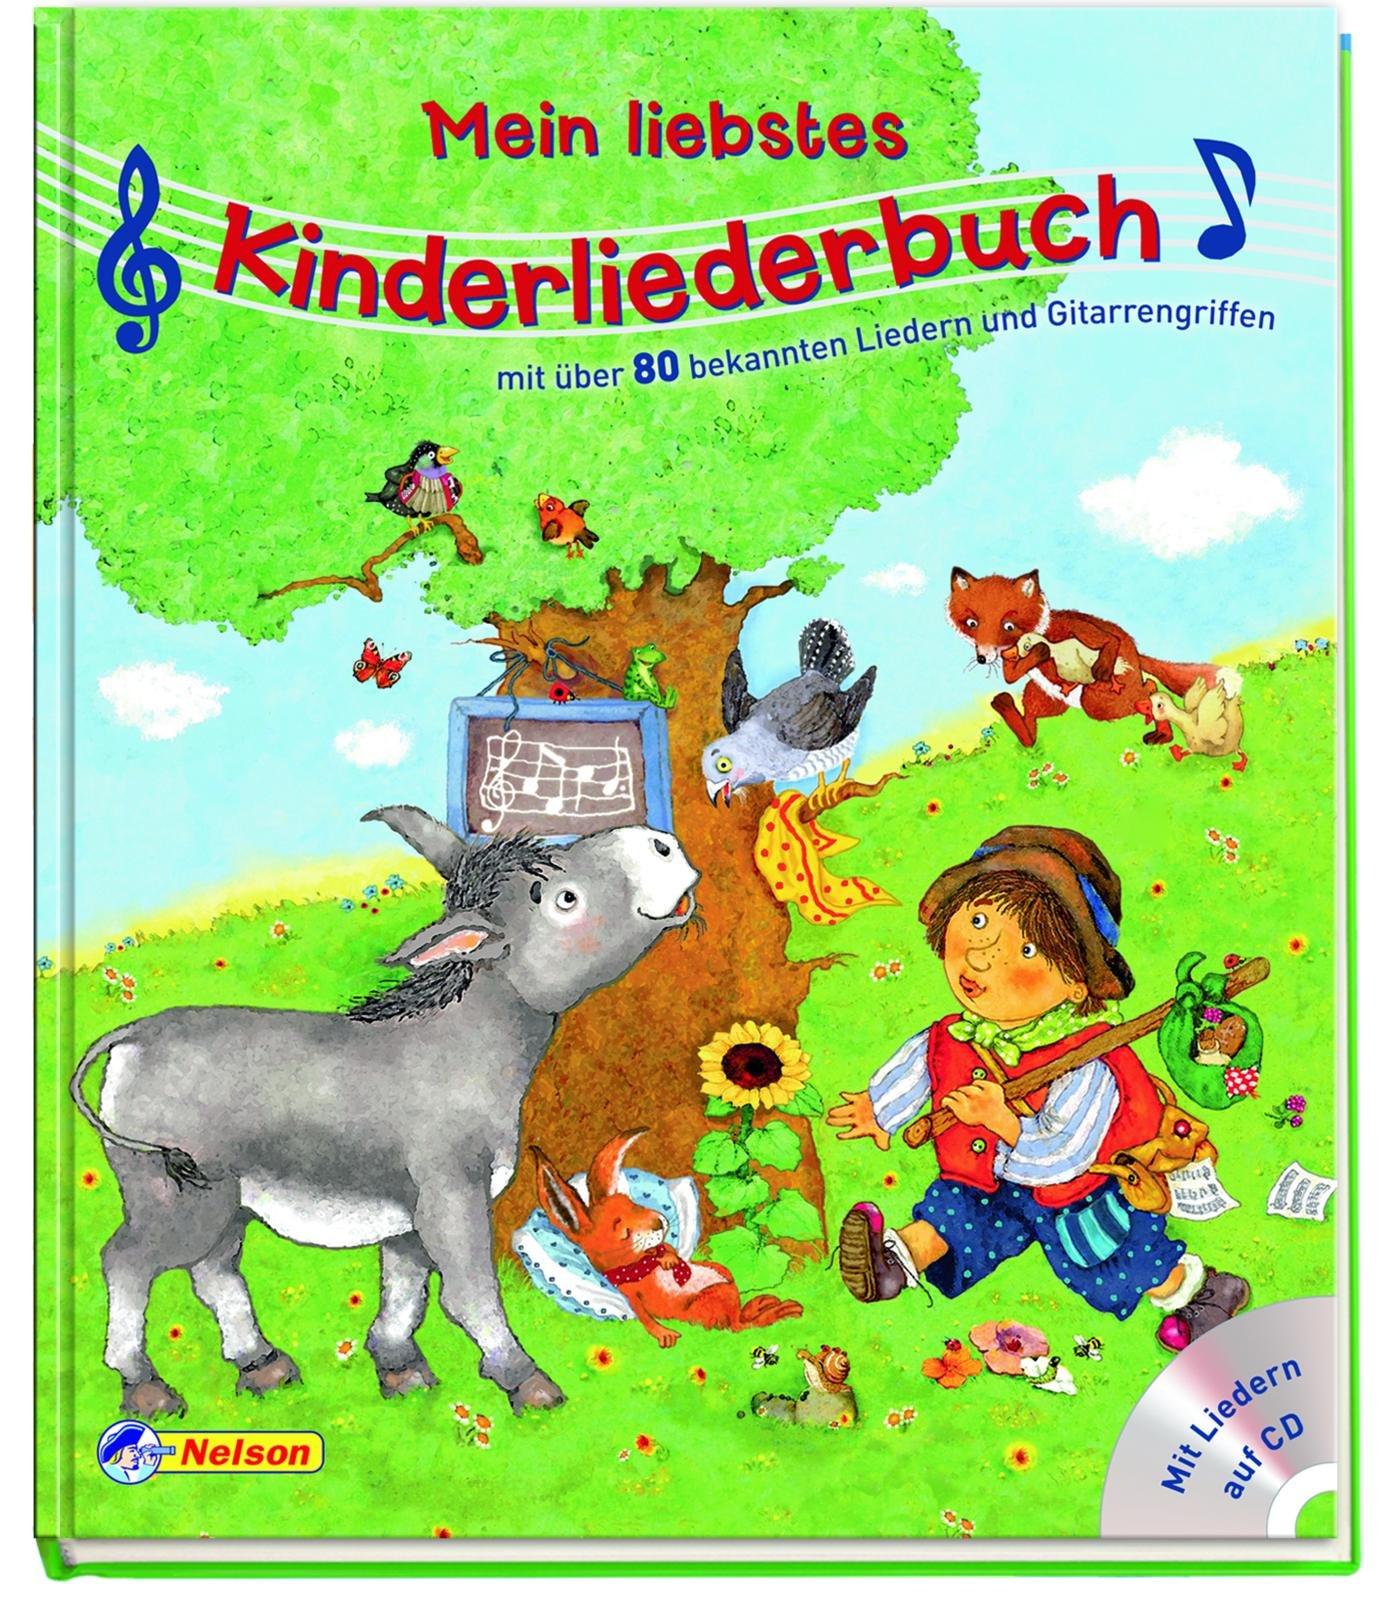 Mein liebstes Kinderliederbuch mit CD: Mit über 80 bekannten Liedern und Gitarrengriffen